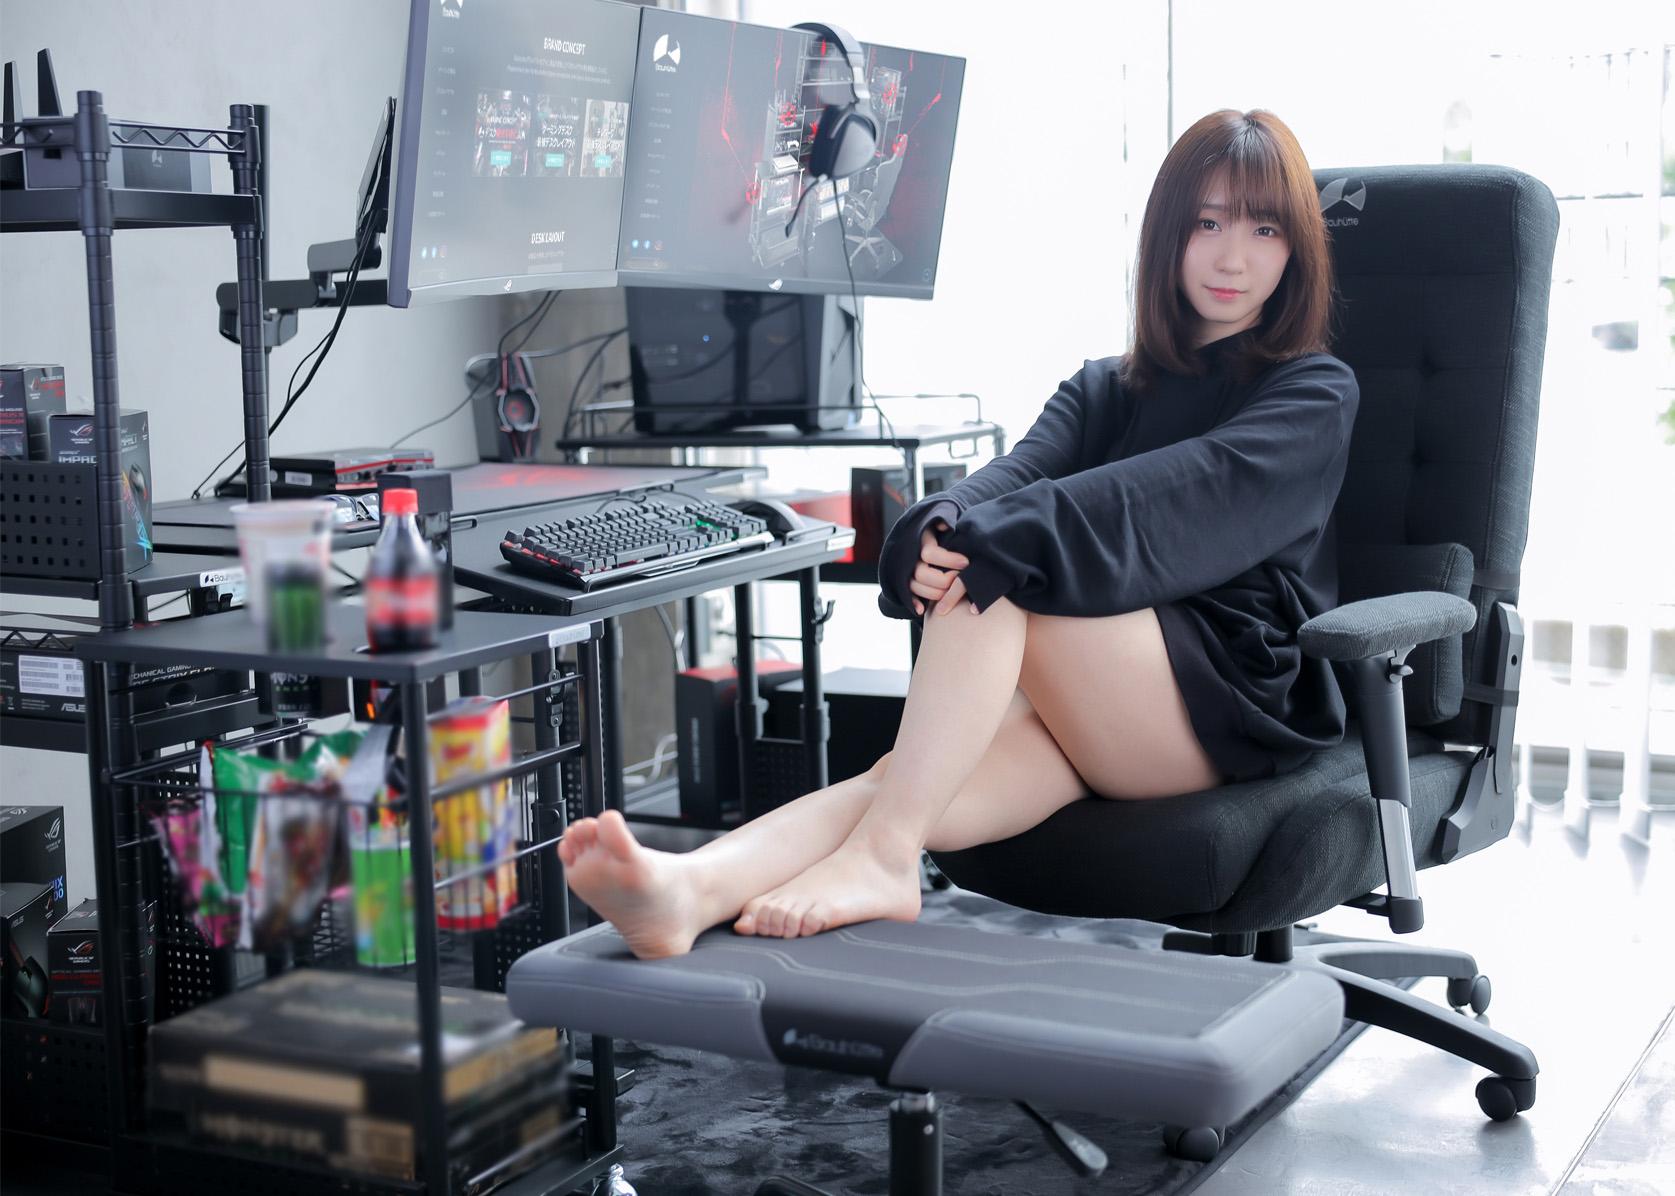 最幸福的屁股《伊织萌代言电竞沙发椅》玩游戏真的就该对自己好一点